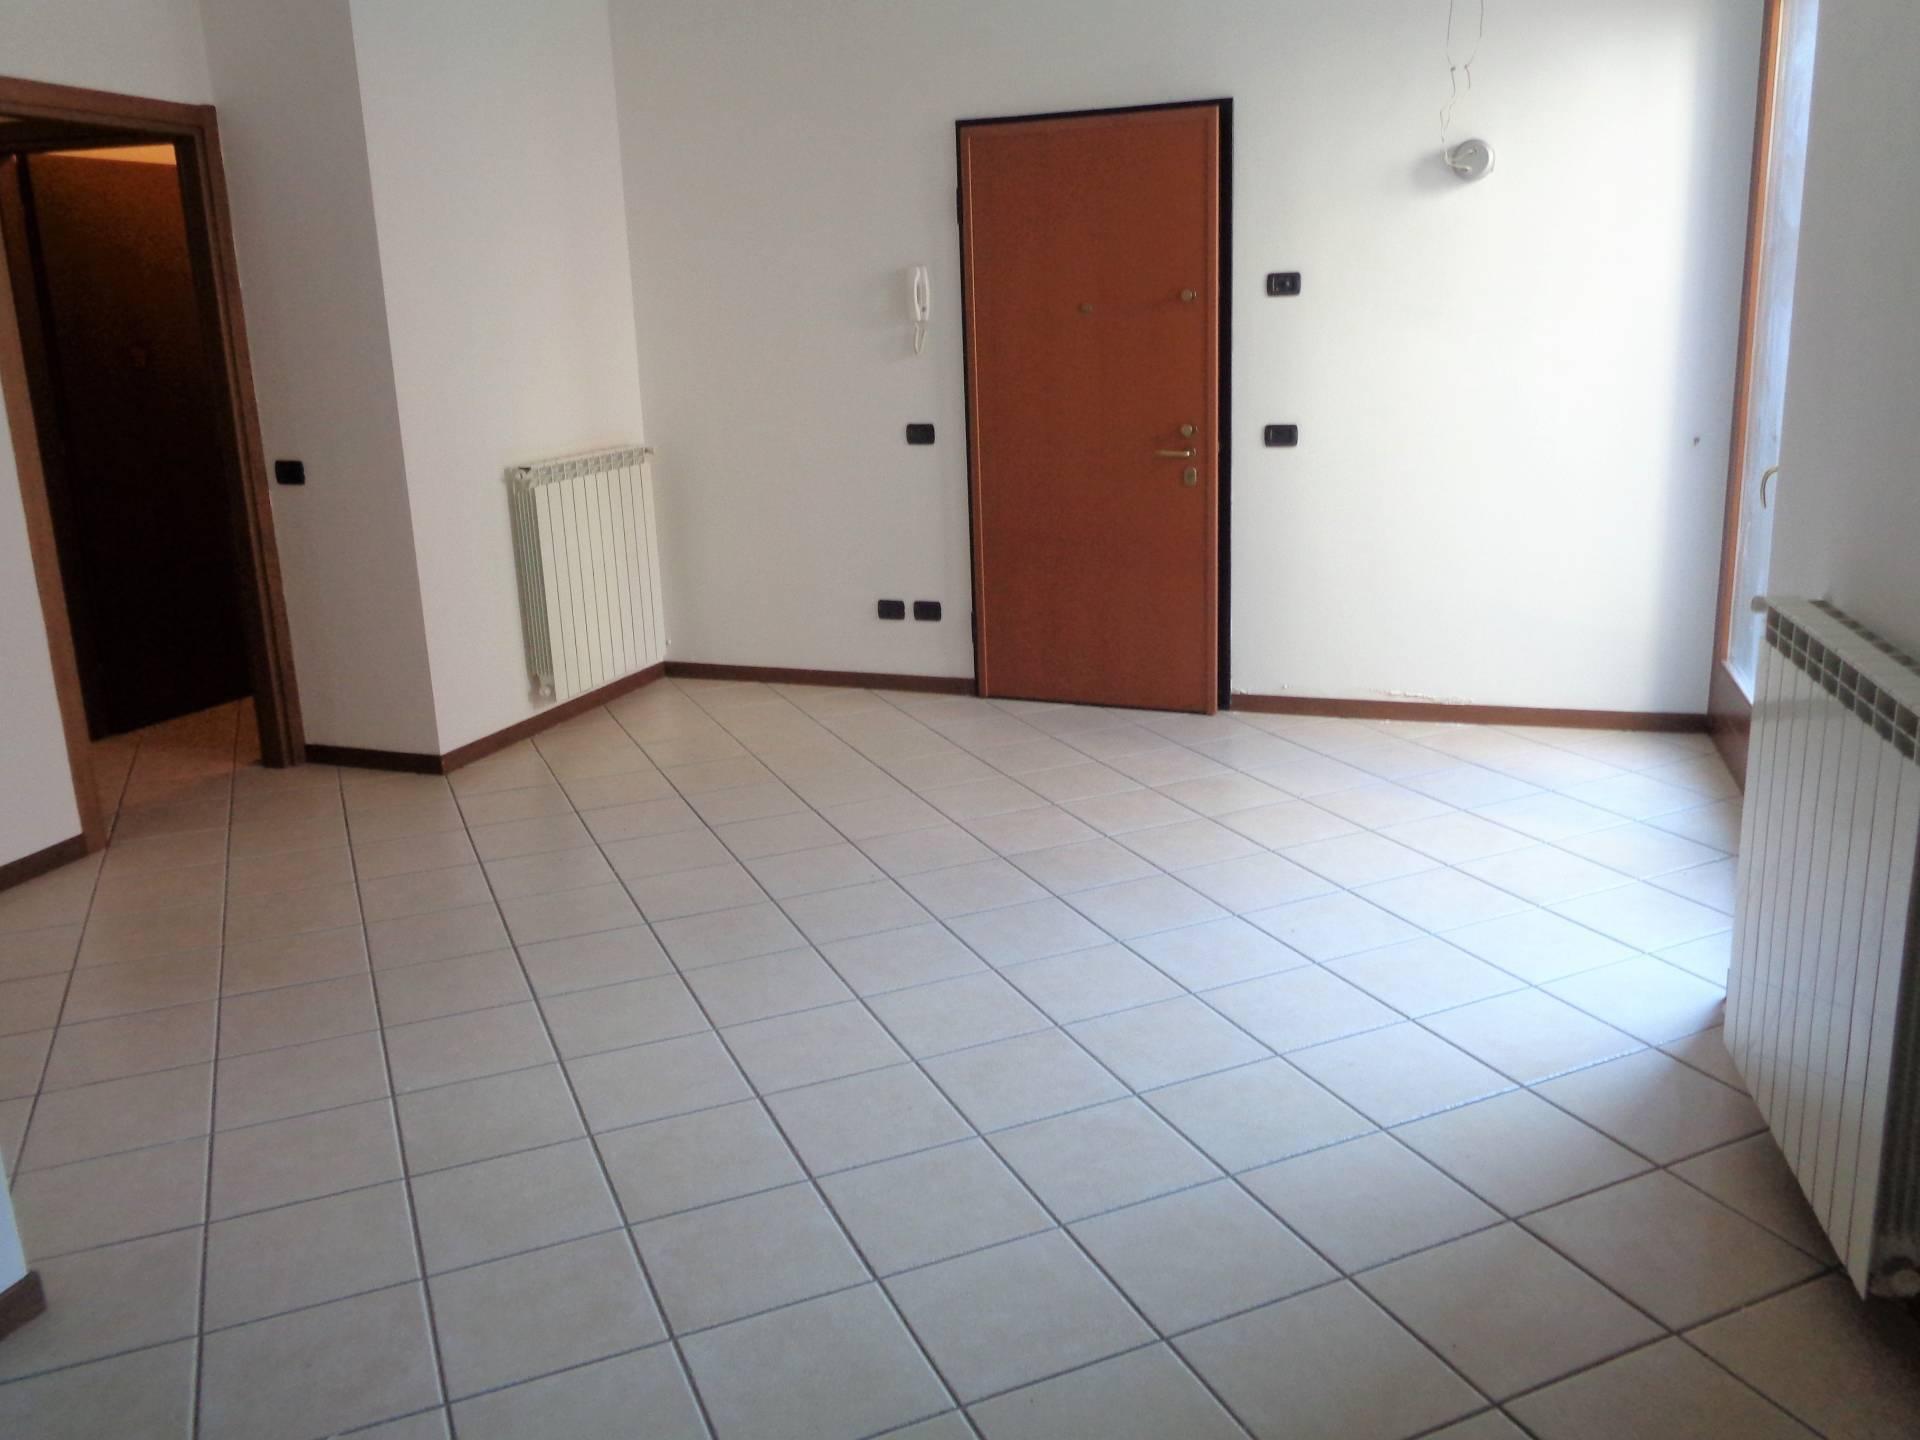 Appartamento in vendita a Binago, 2 locali, prezzo € 85.000 | PortaleAgenzieImmobiliari.it